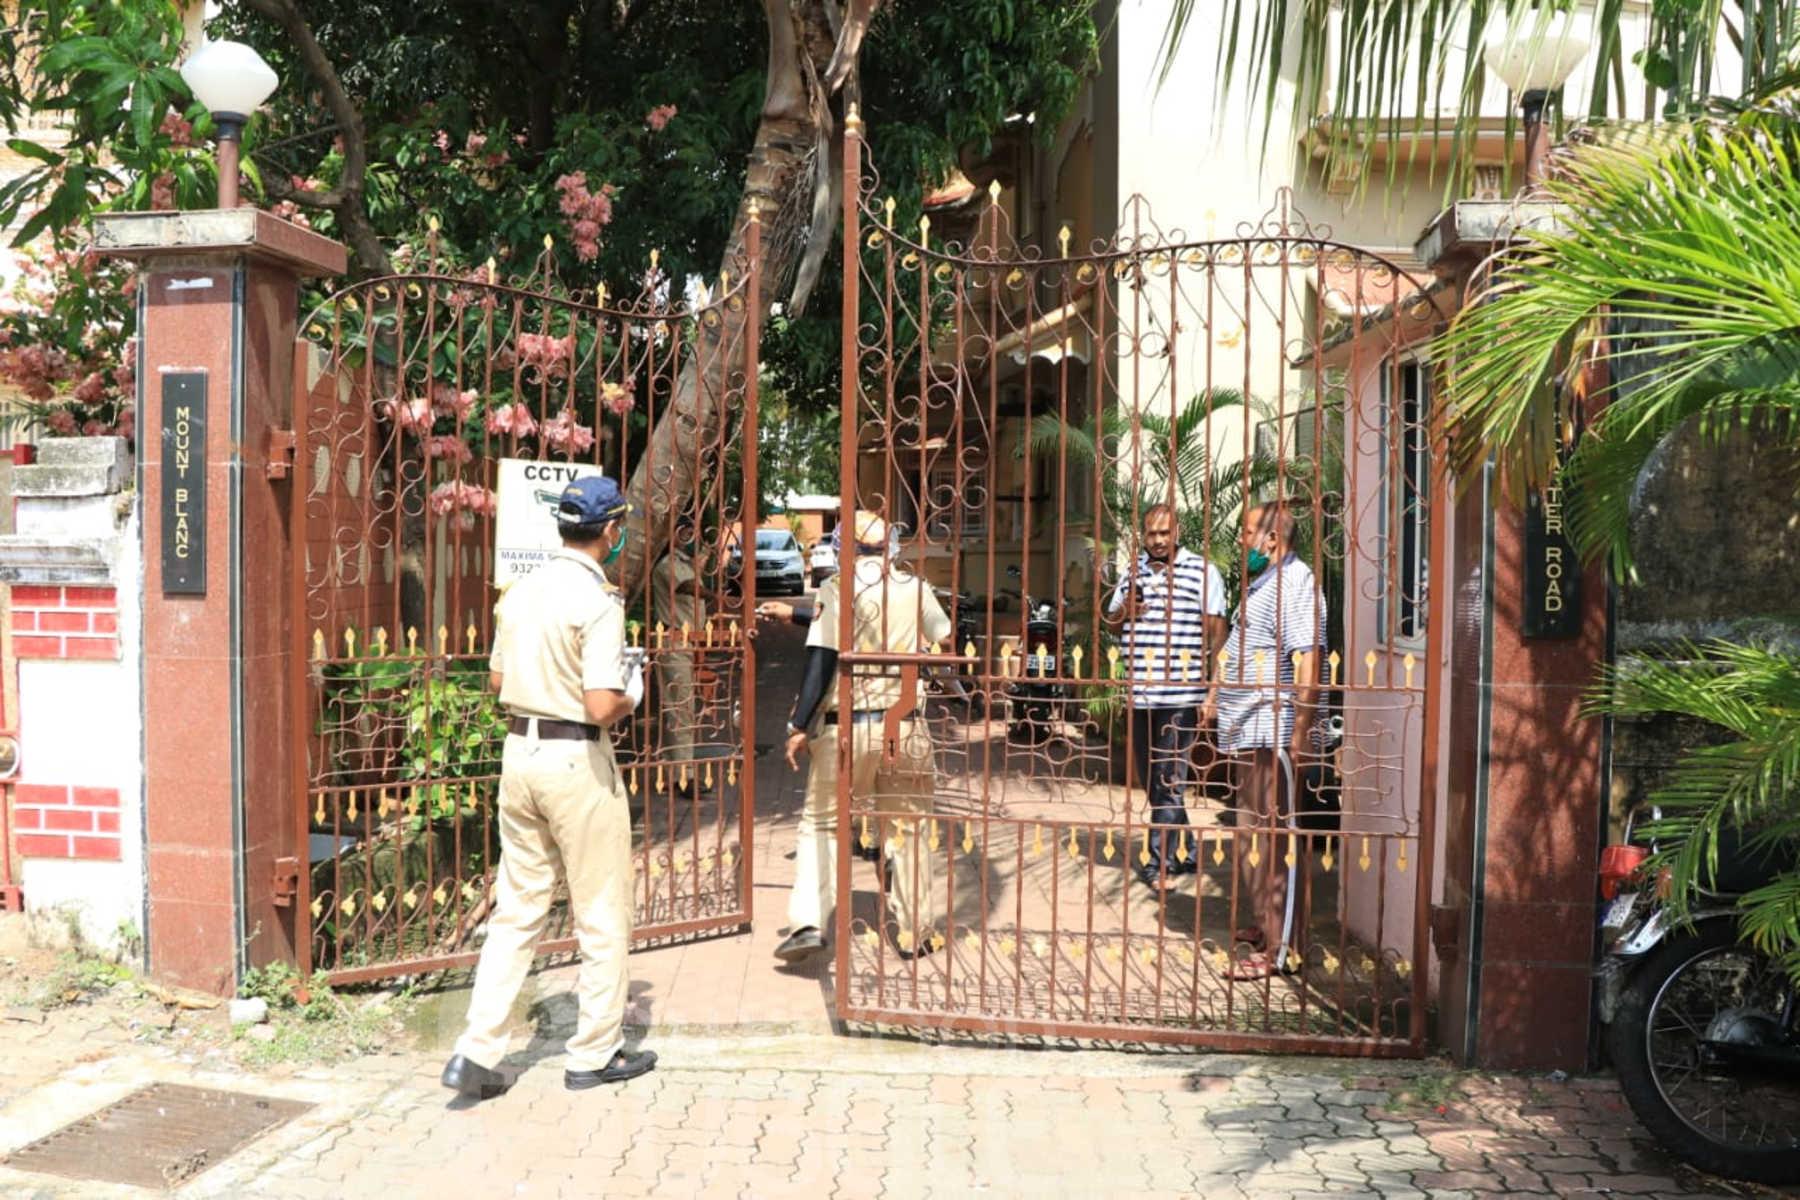 चाबी बनाने वाले को बुलाकर खोला गया था सुशांत के कमरे का दरवाजा।